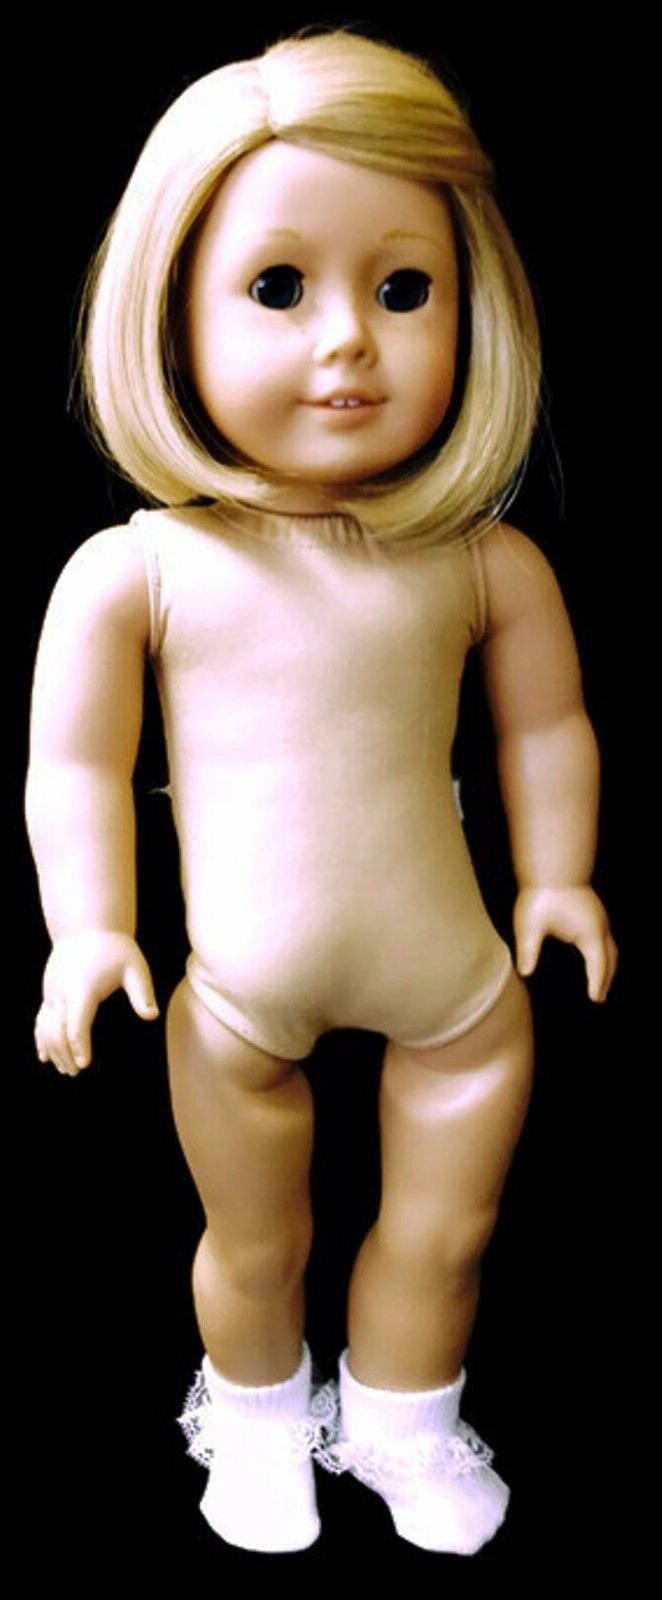 White Socks made American Girl Doll